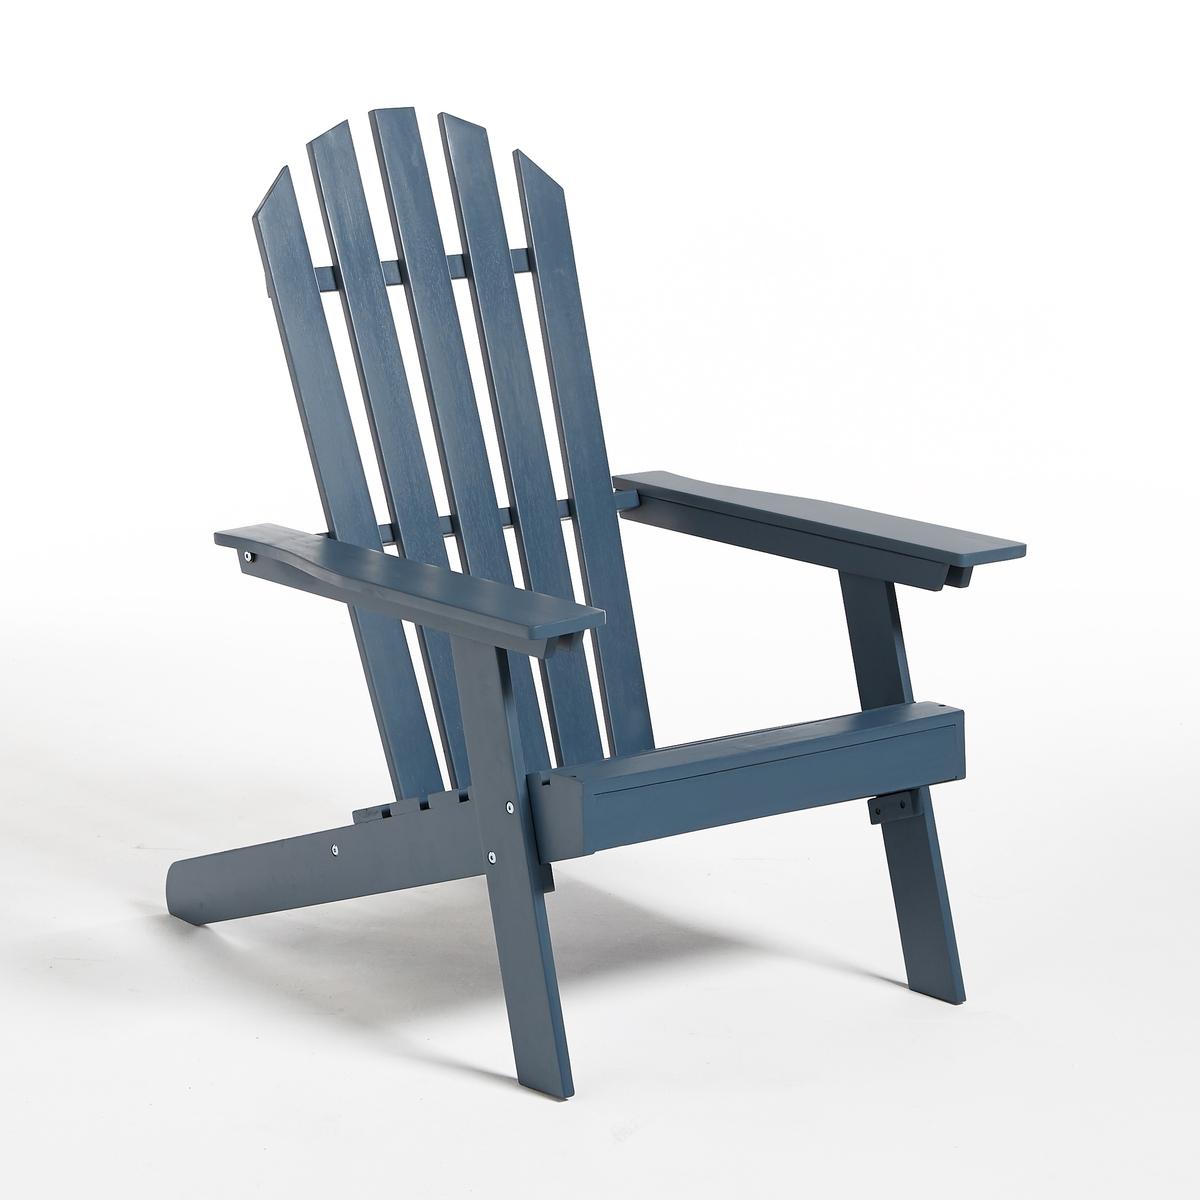 Стильное садовое кресло Adirondack, 3 положения, гамма  Zeda